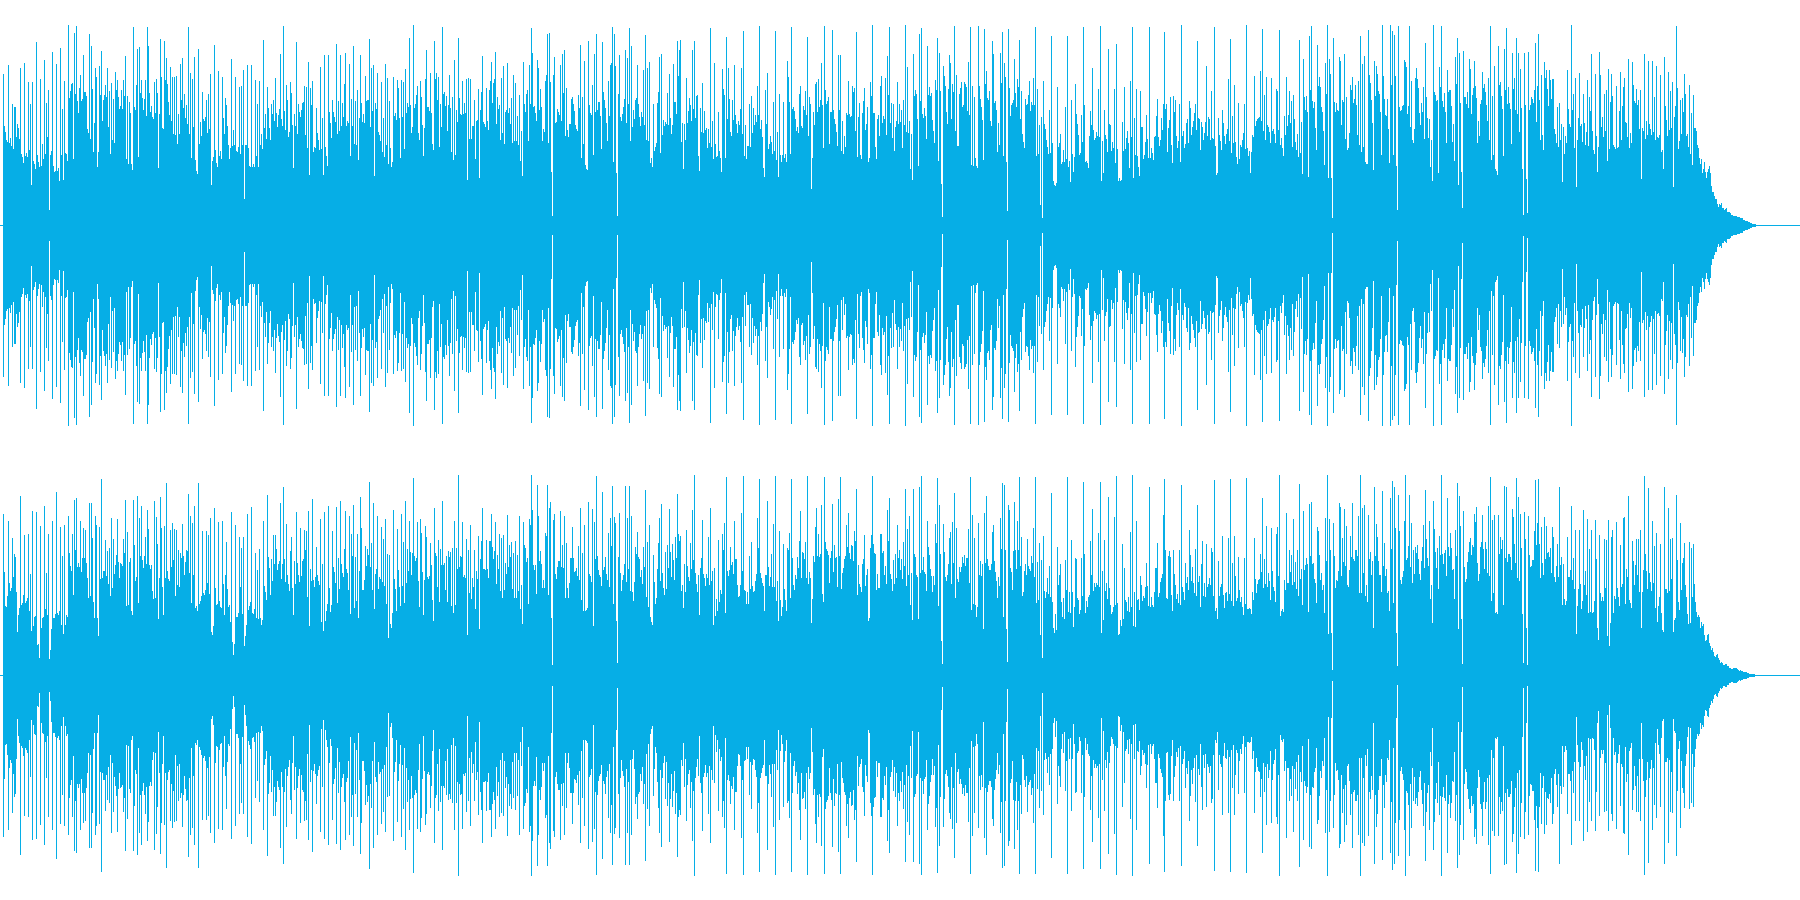 フルートメイン ポップなバンドサウンドの再生済みの波形